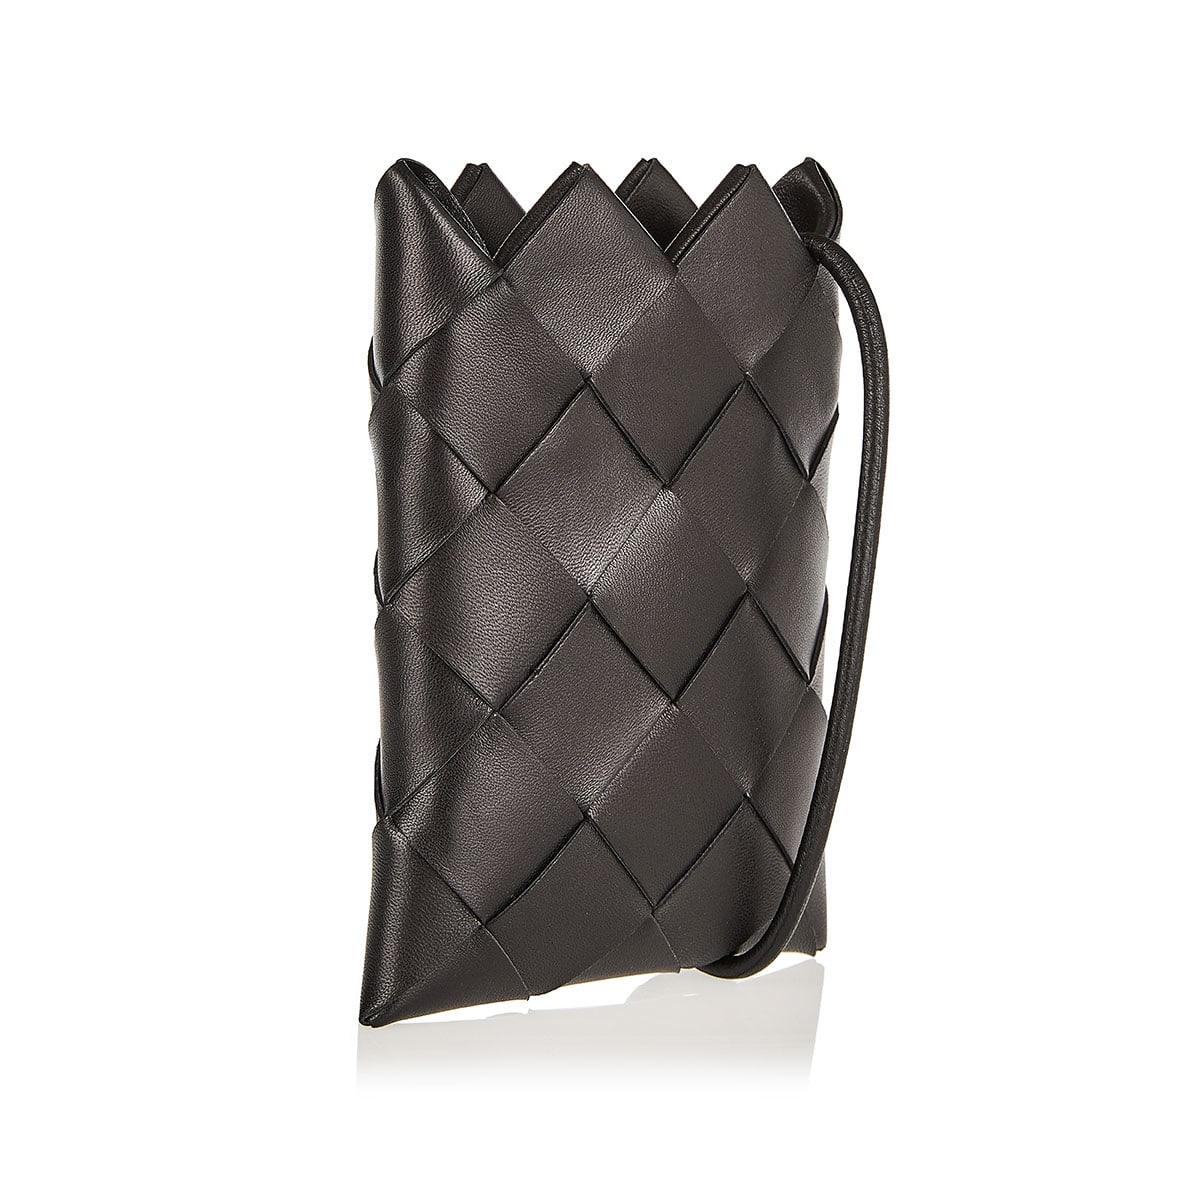 Intrecciato mini leather pouch